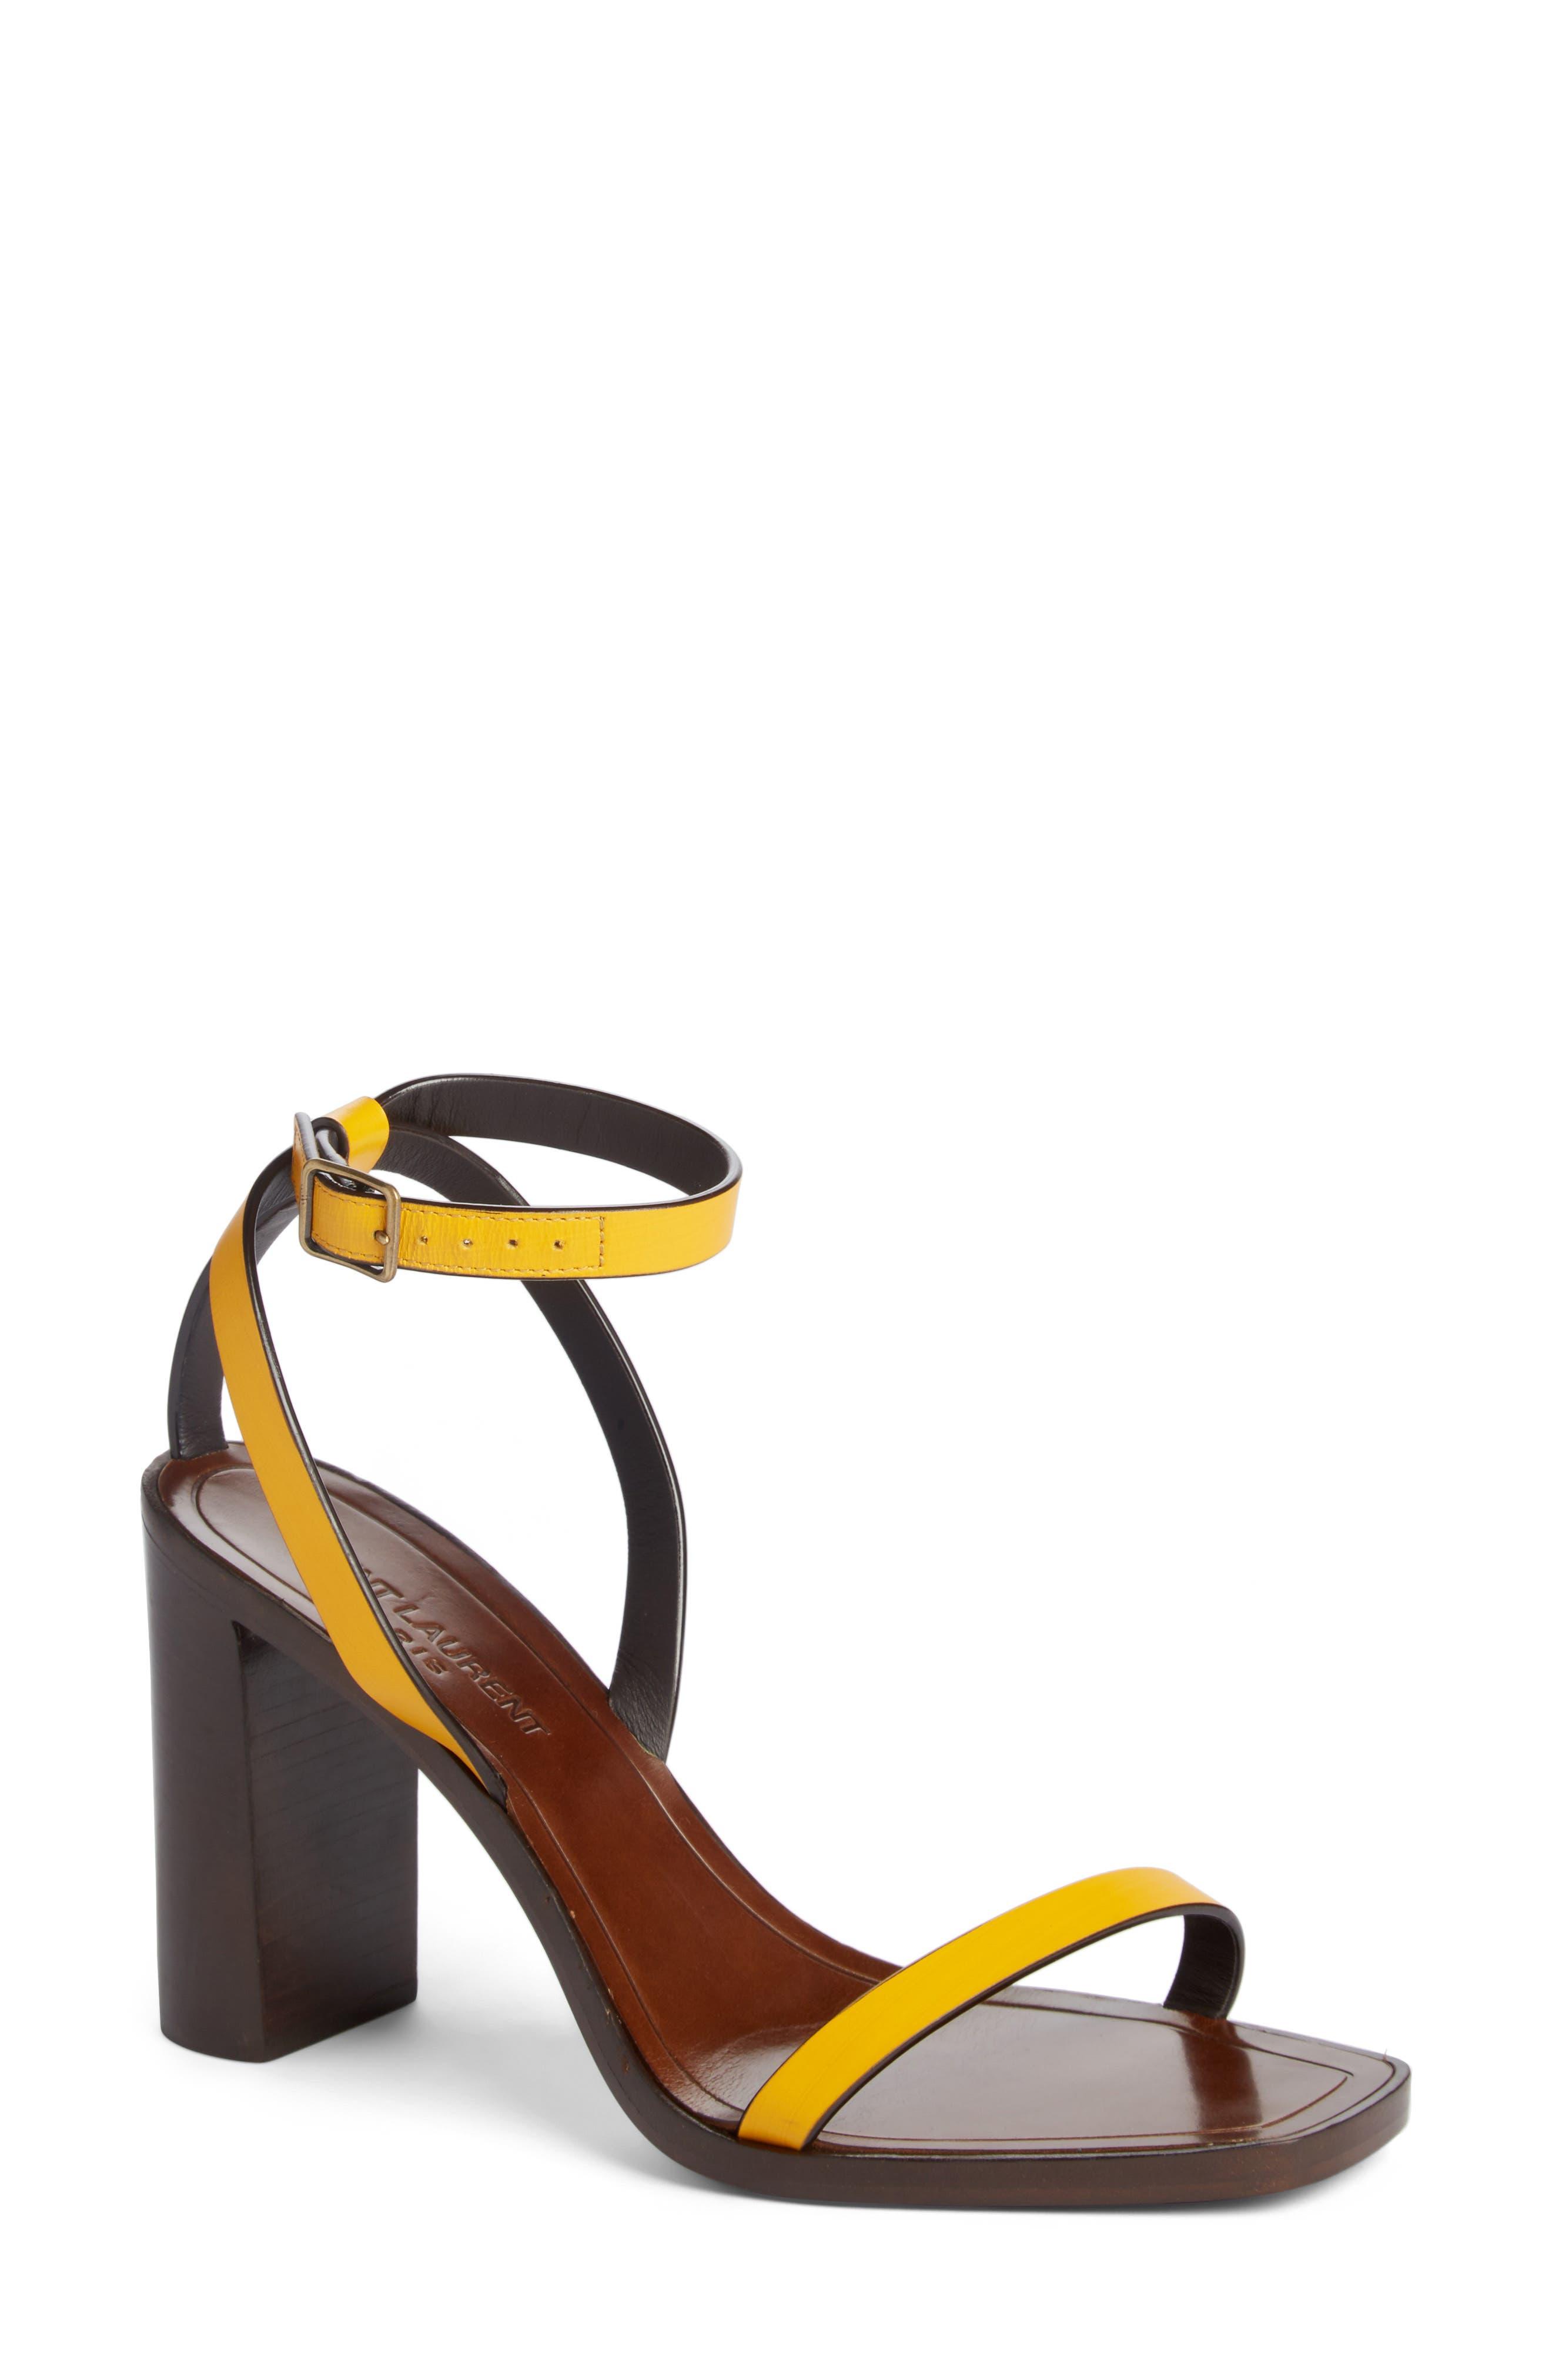 Main Image - Saint Laurent Loulou Ankle Strap Sandal (Women)